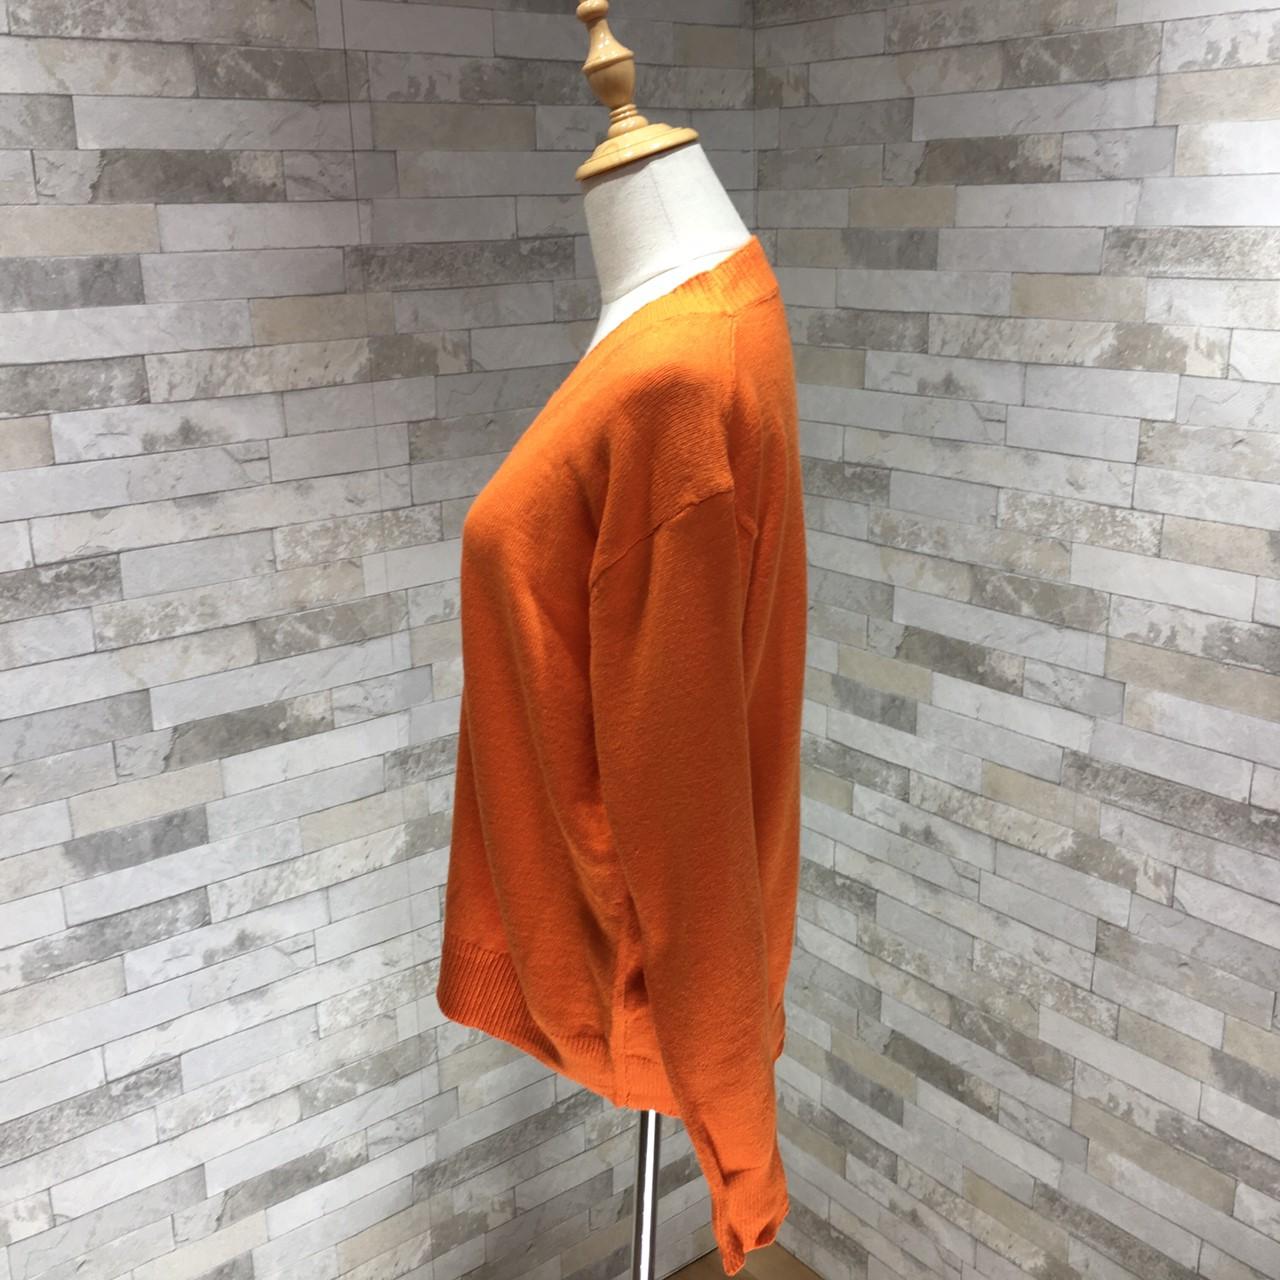 韓国 ファッション トップス ニット セーター 秋 冬 カジュアル PTXG644  リブニット ビッグシルエット ベーシック オルチャン シンプル 定番 セレカジの写真19枚目